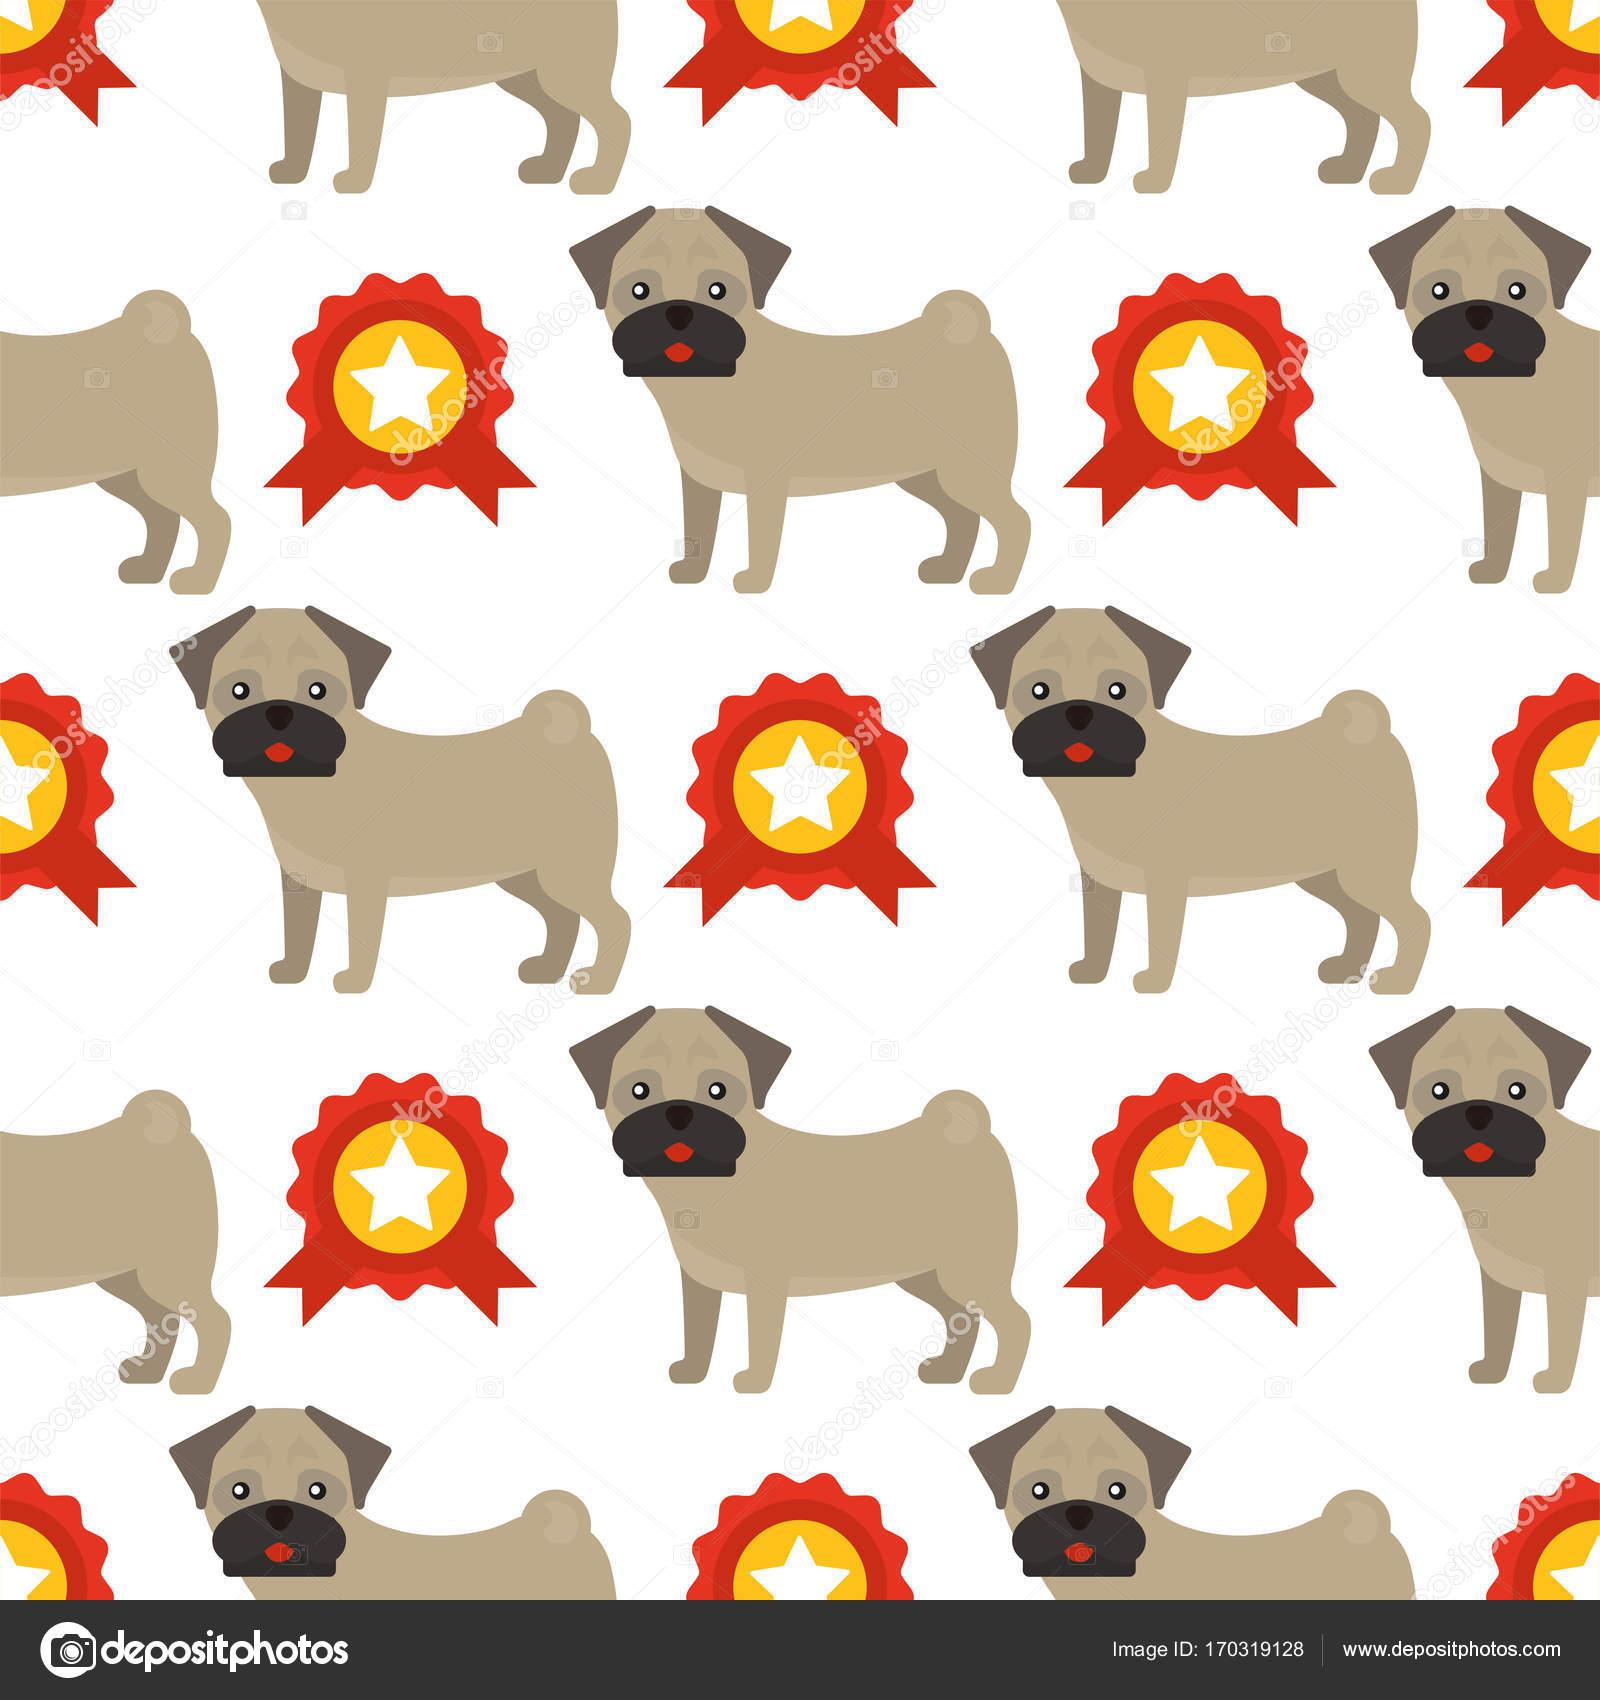 Wonderful Bulldog Canine Adorable Dog - depositphotos_170319128-stock-illustration-dog-breed-french-bulldog-adorable  Image_229743  .jpg